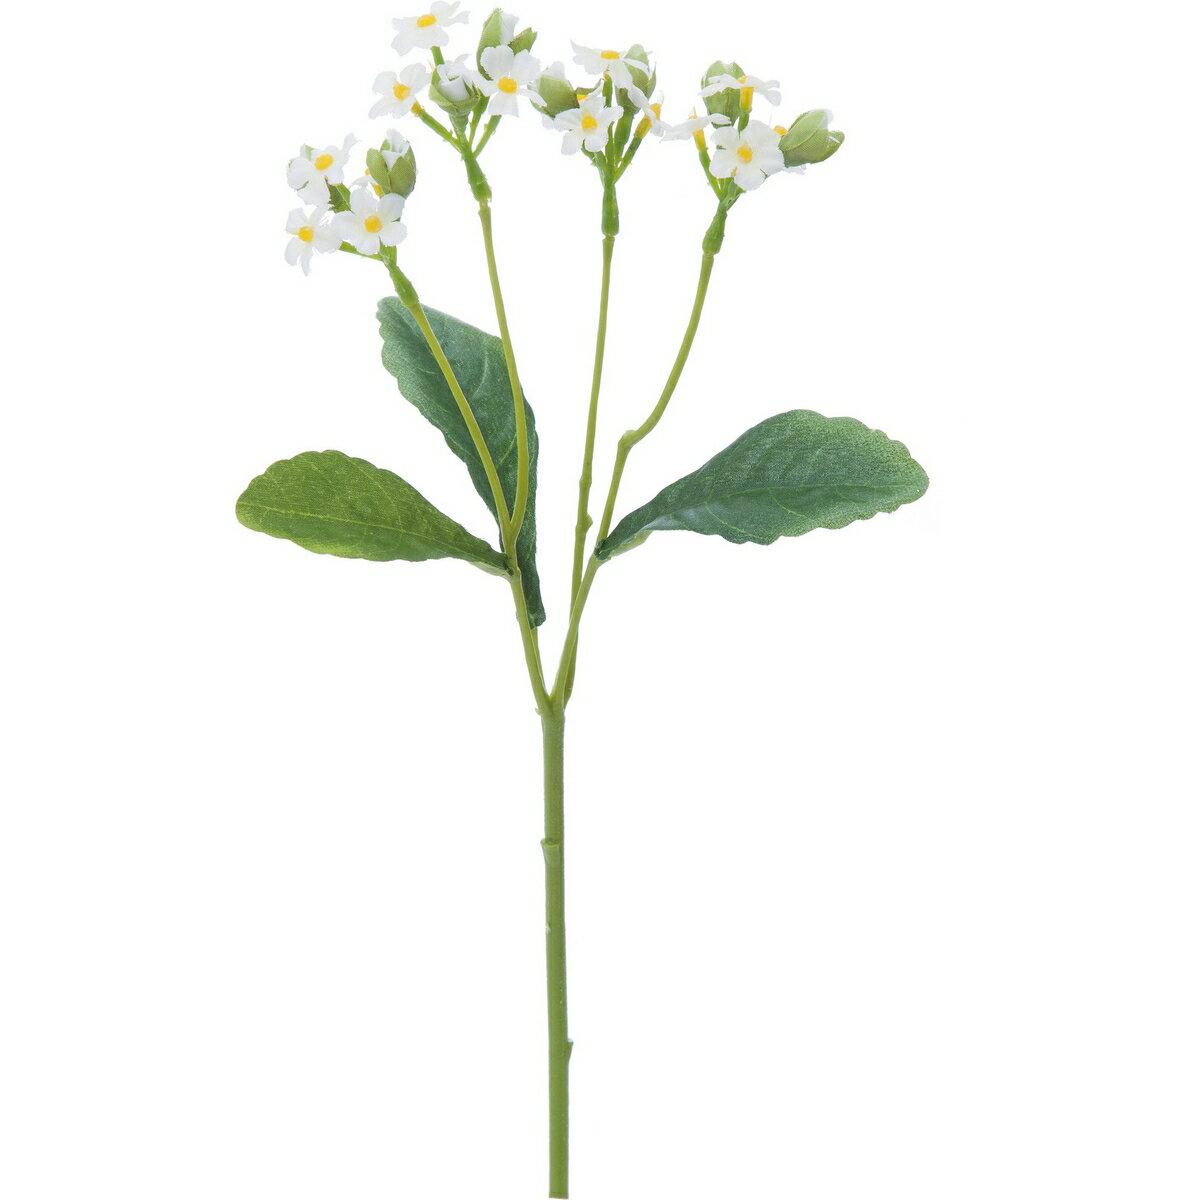 【造花】YDM/ワスレナグサ クリーム/FFH-0015-CR【01】【取寄】[24本]《 造花(アーティフィシャルフラワー) 造花 花材「わ行」 忘れな草 》